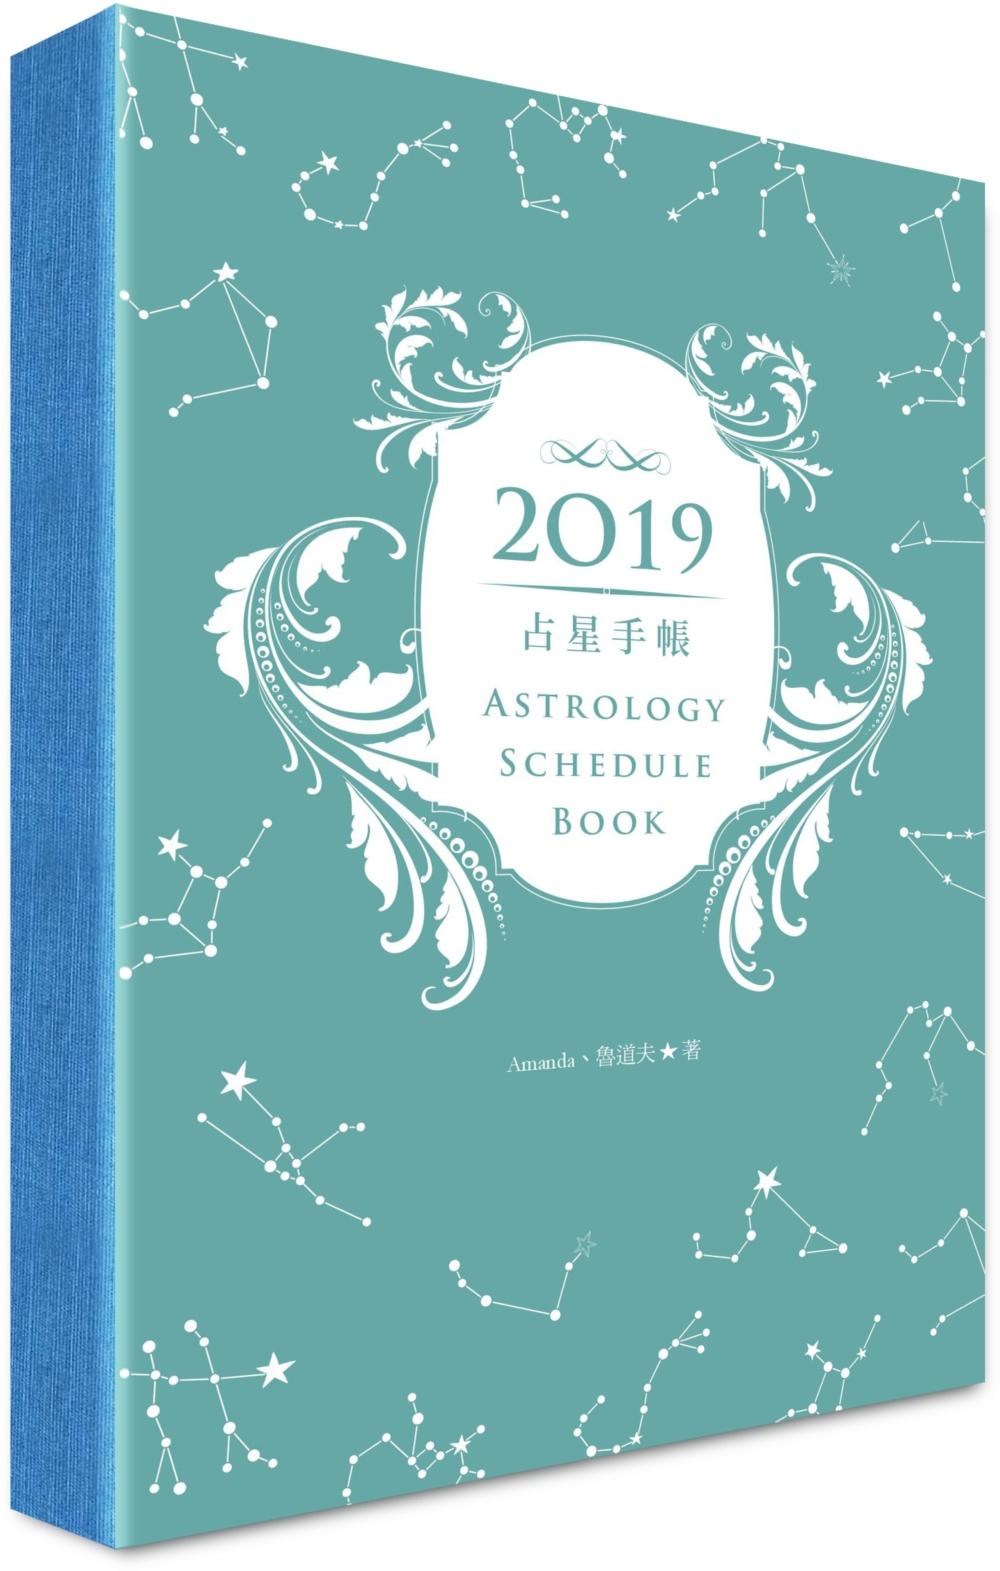 2019占星手帳(精緻燙銀畫布封紙):掌握年度十二星座解析、每月運勢趨向、每週星運指點、重要星象變化